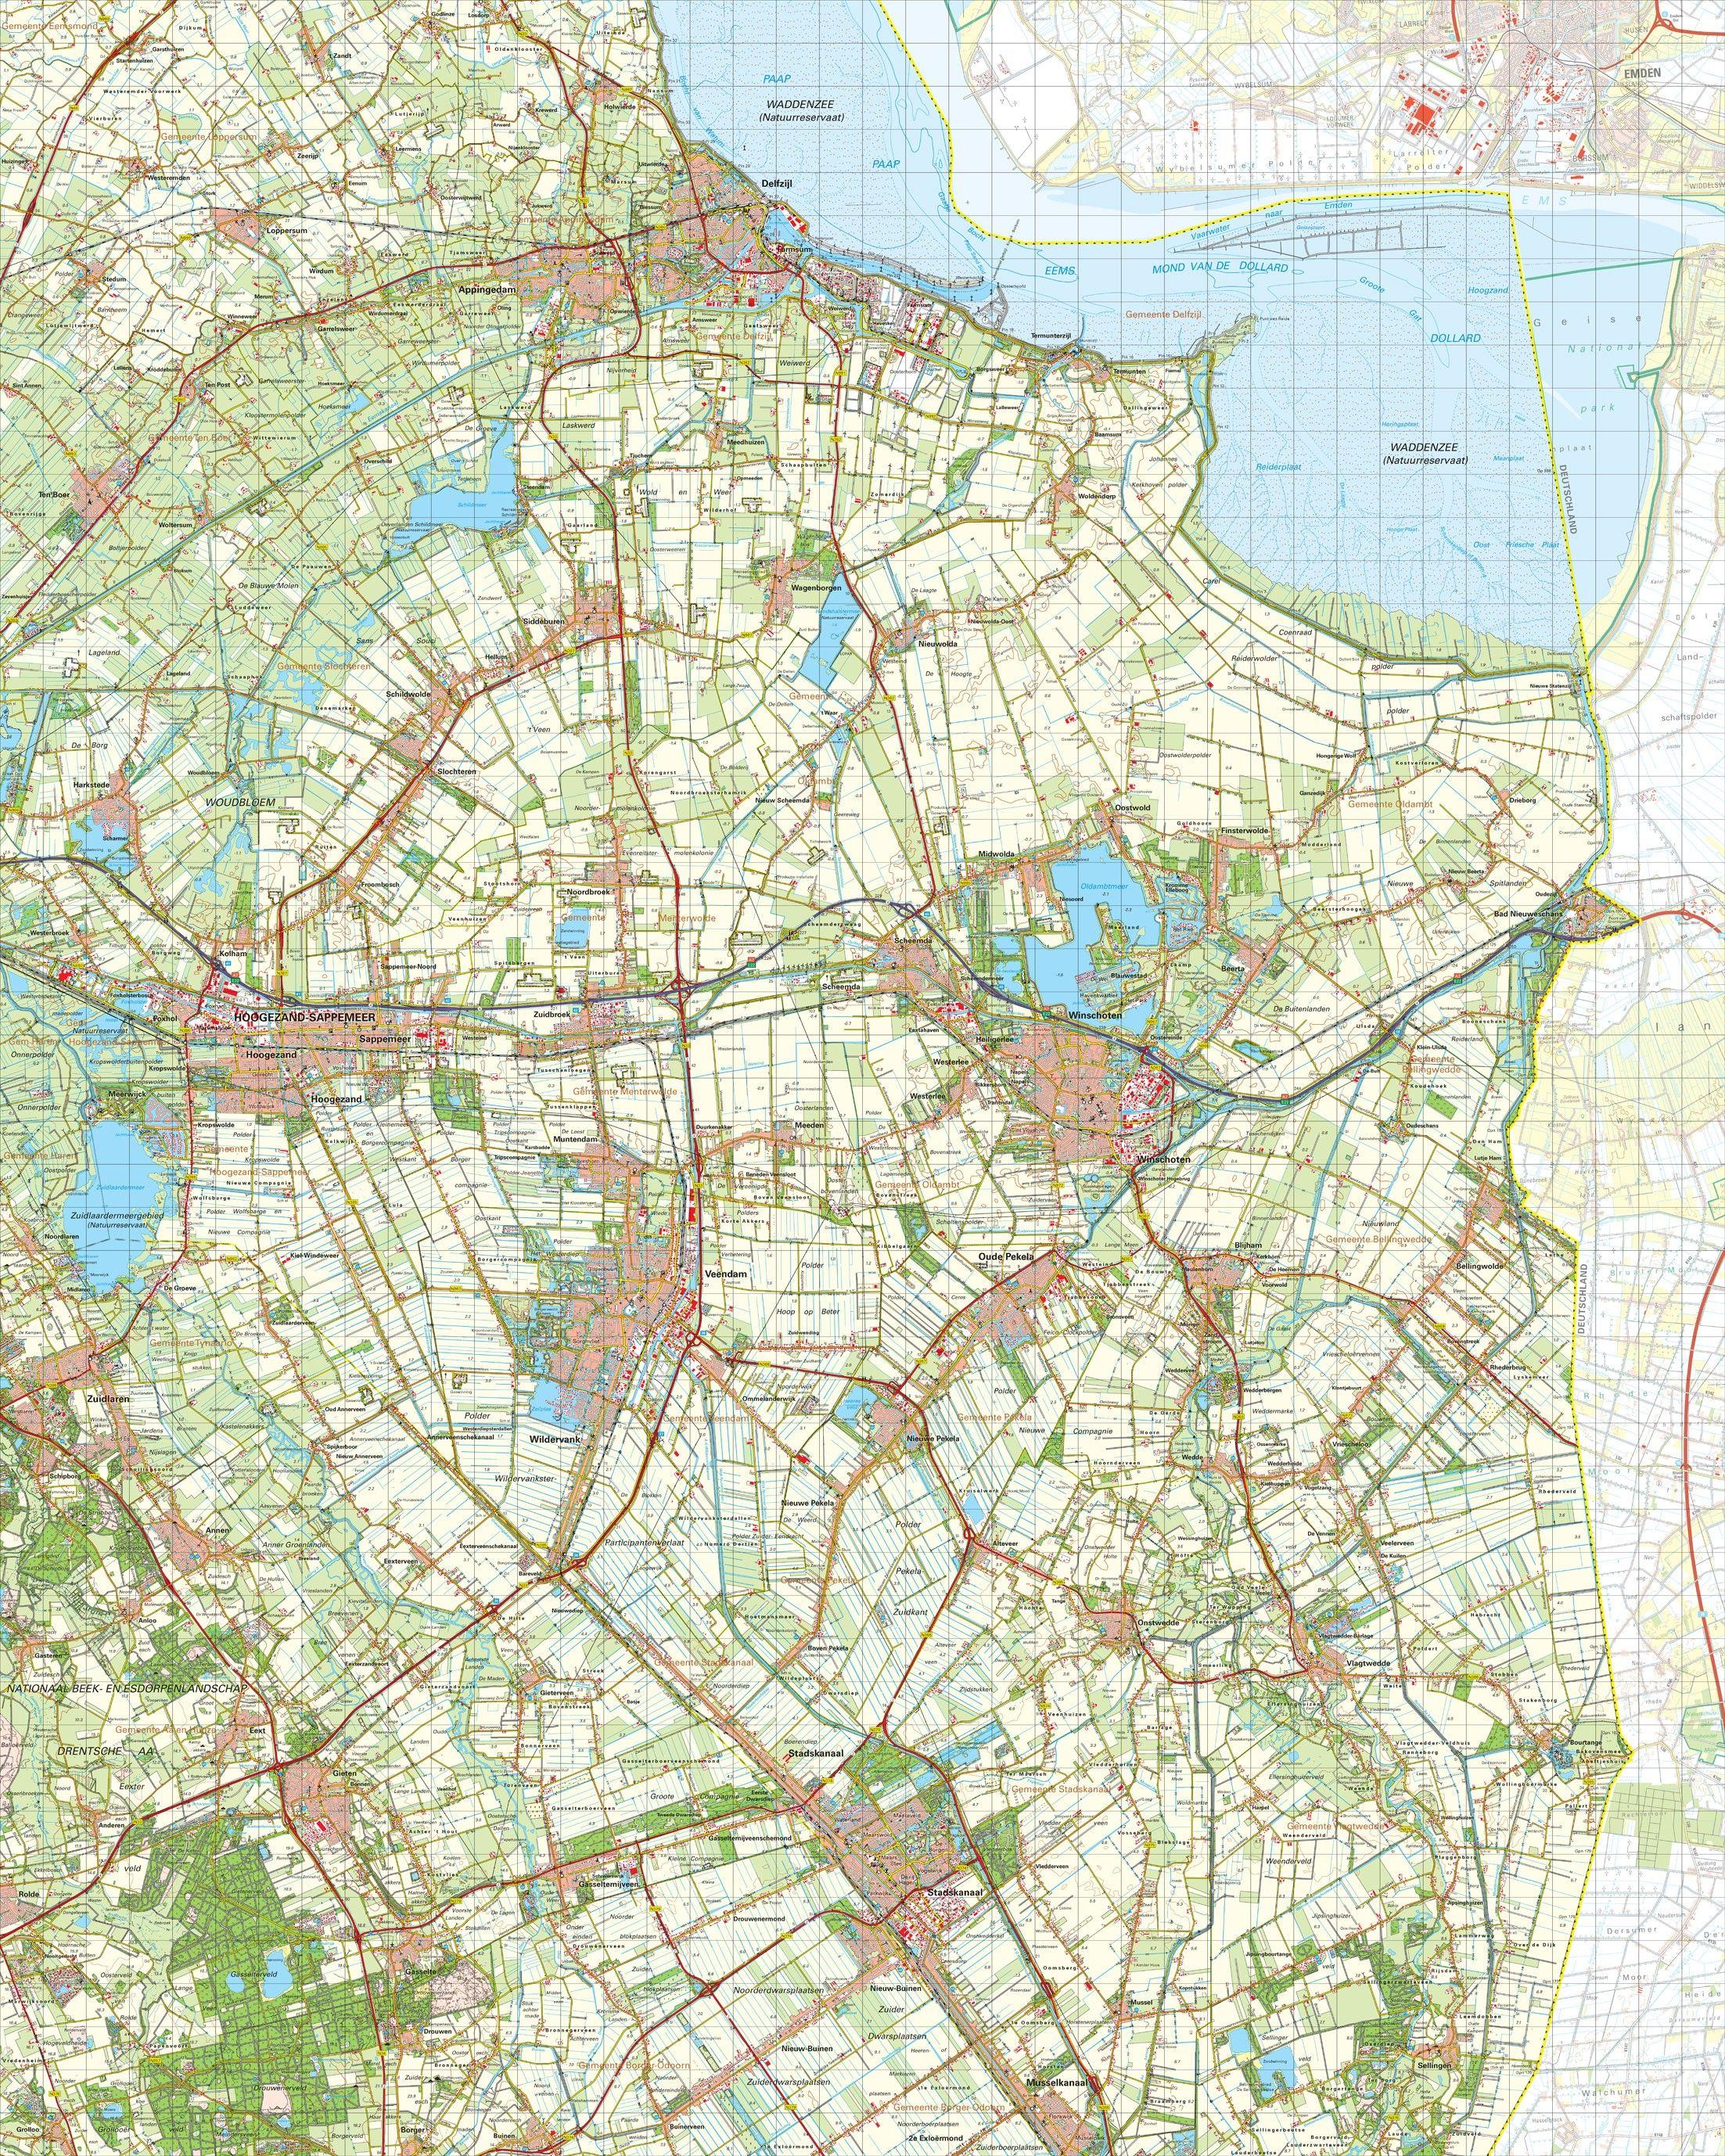 Topografische kart schaal 1:50.000 (Delfzijl,Winschoten,Stadskanaal)